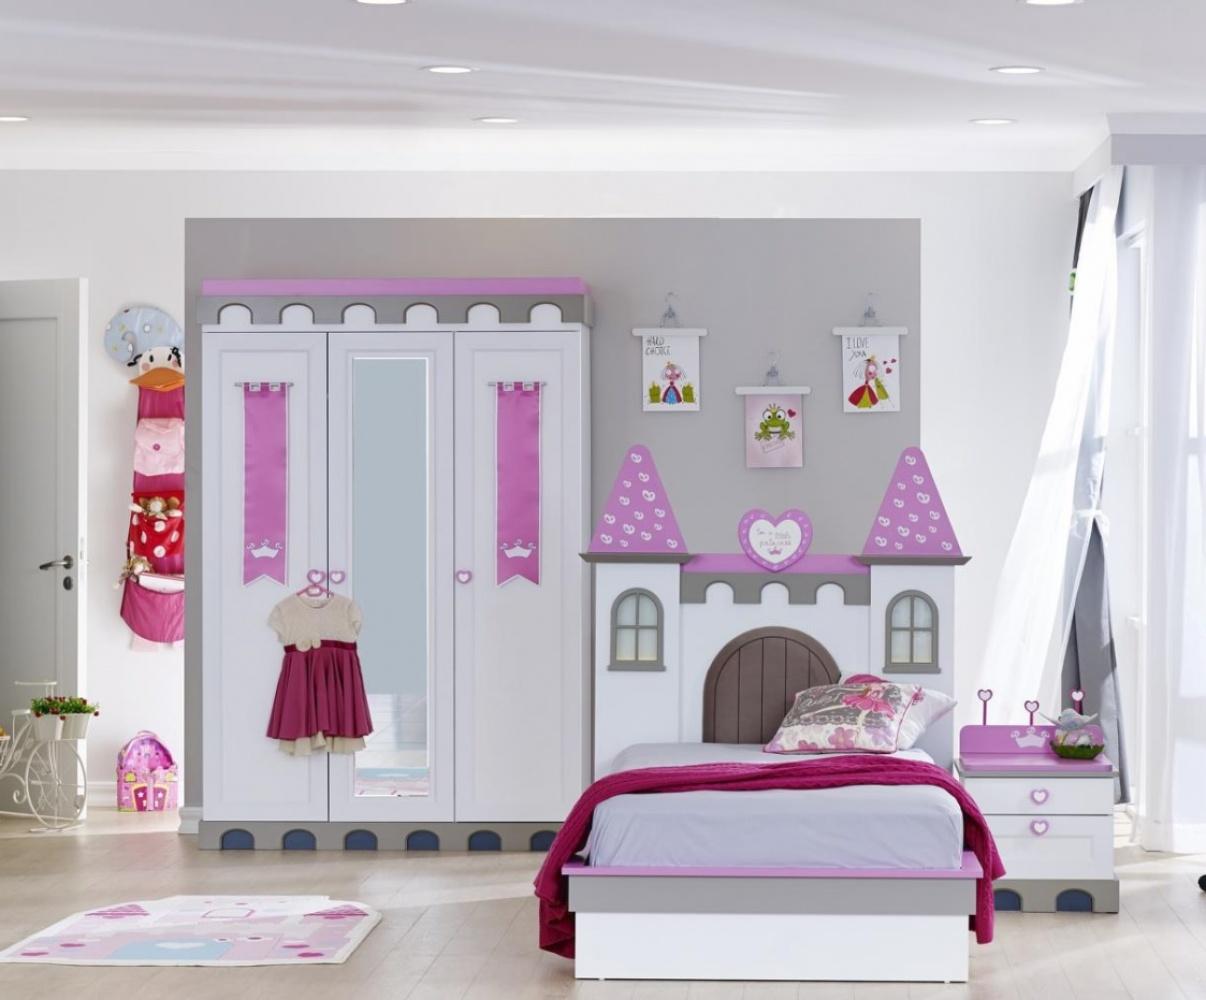 Full Size of Kinderzimmer Prinzessin Set Castle 3 Teilig Ebay Regal Prinzessinen Bett Sofa Regale Weiß Kinderzimmer Kinderzimmer Prinzessin